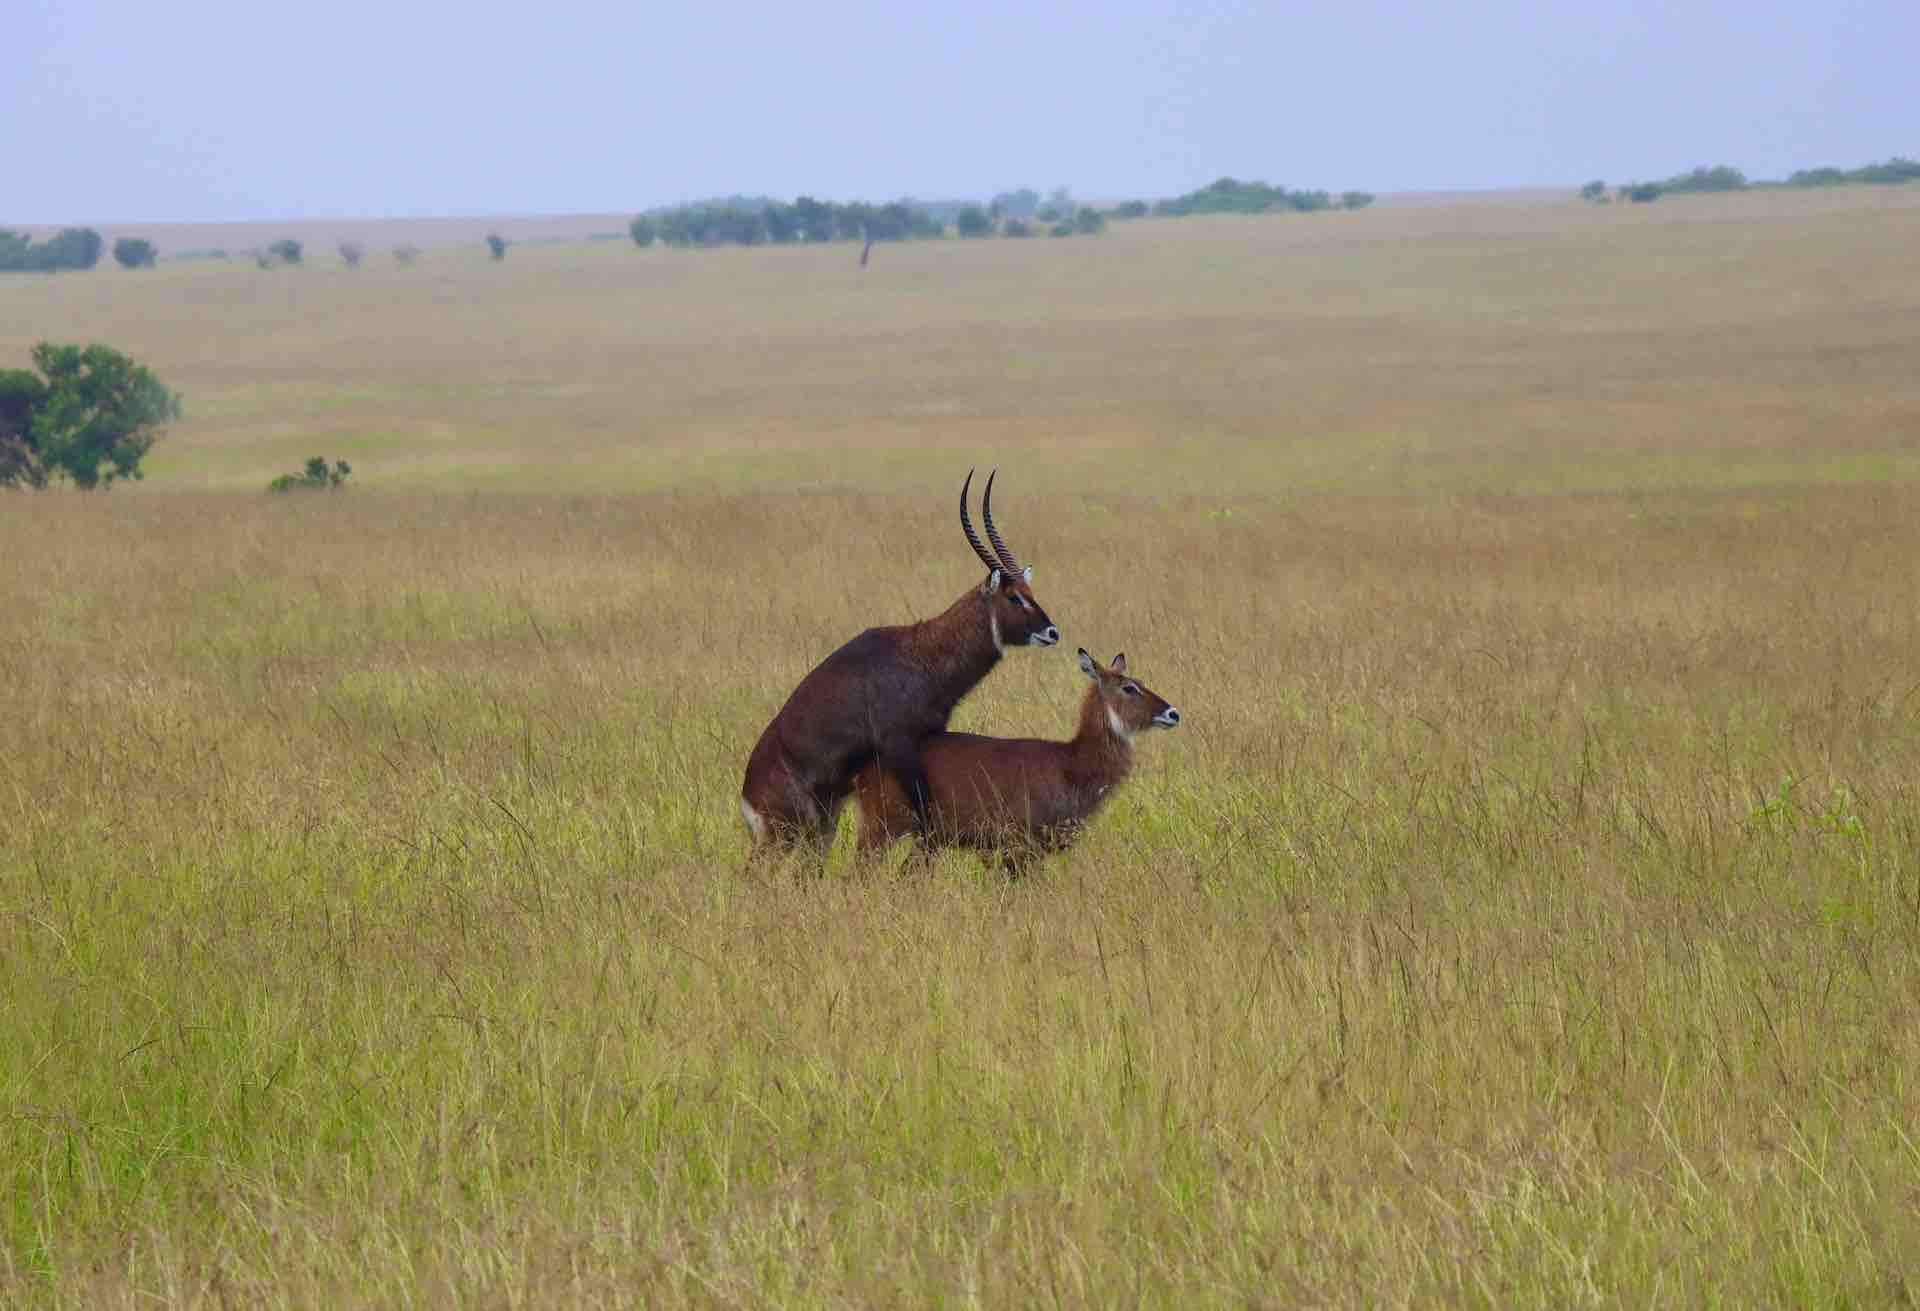 Waterbuck Antelope mating Kenya safari Africa_AOT